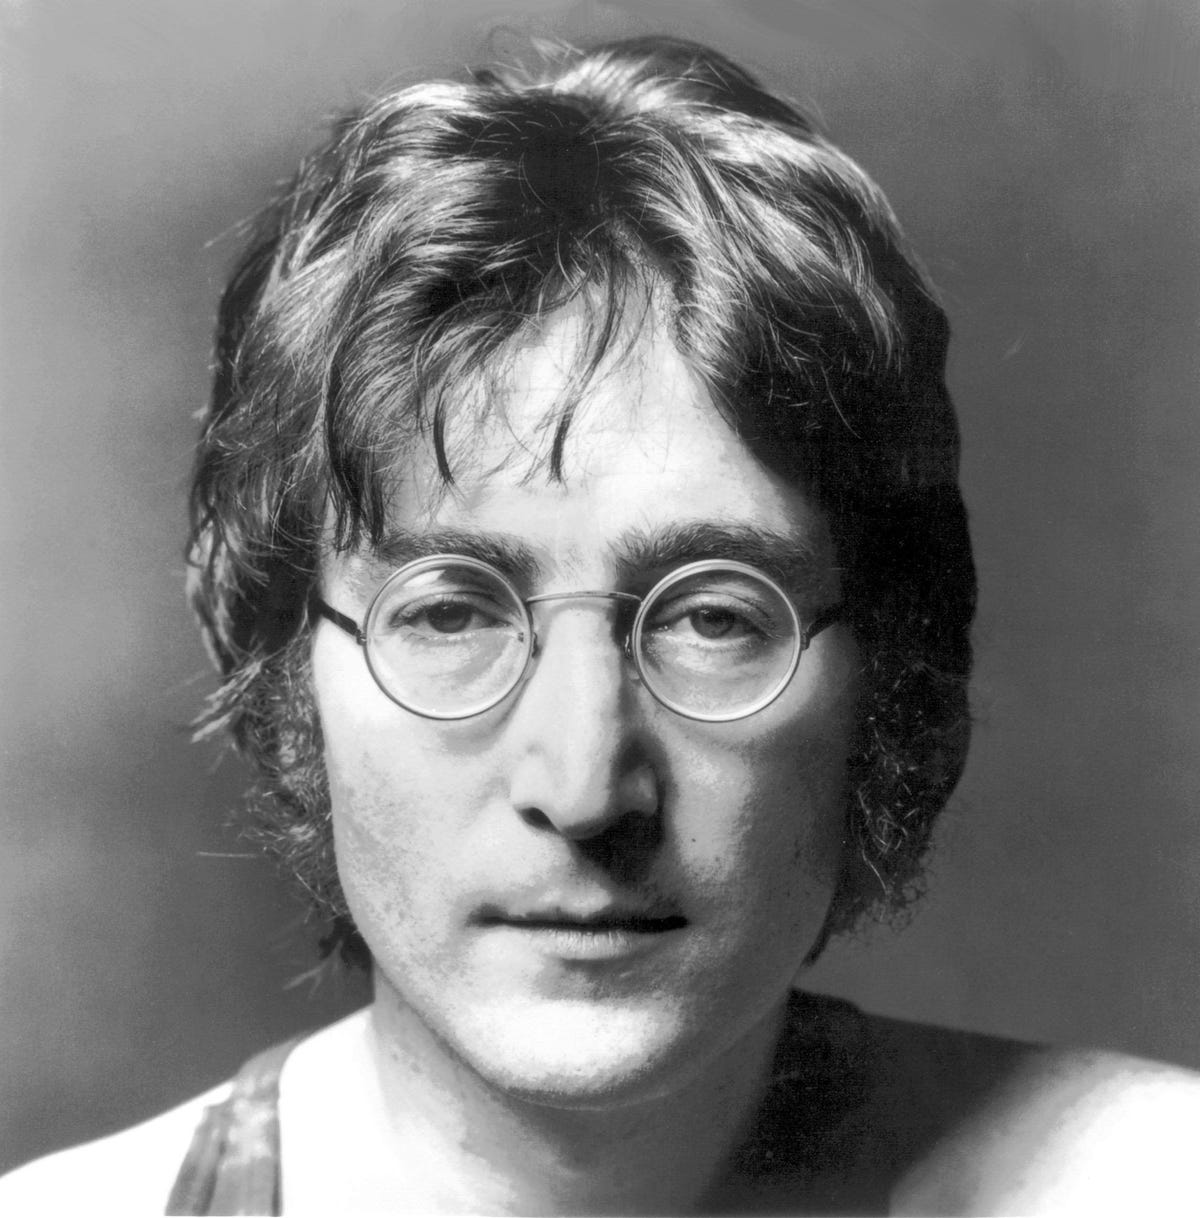 Best John Lennon songs of his post-Beatles solo career